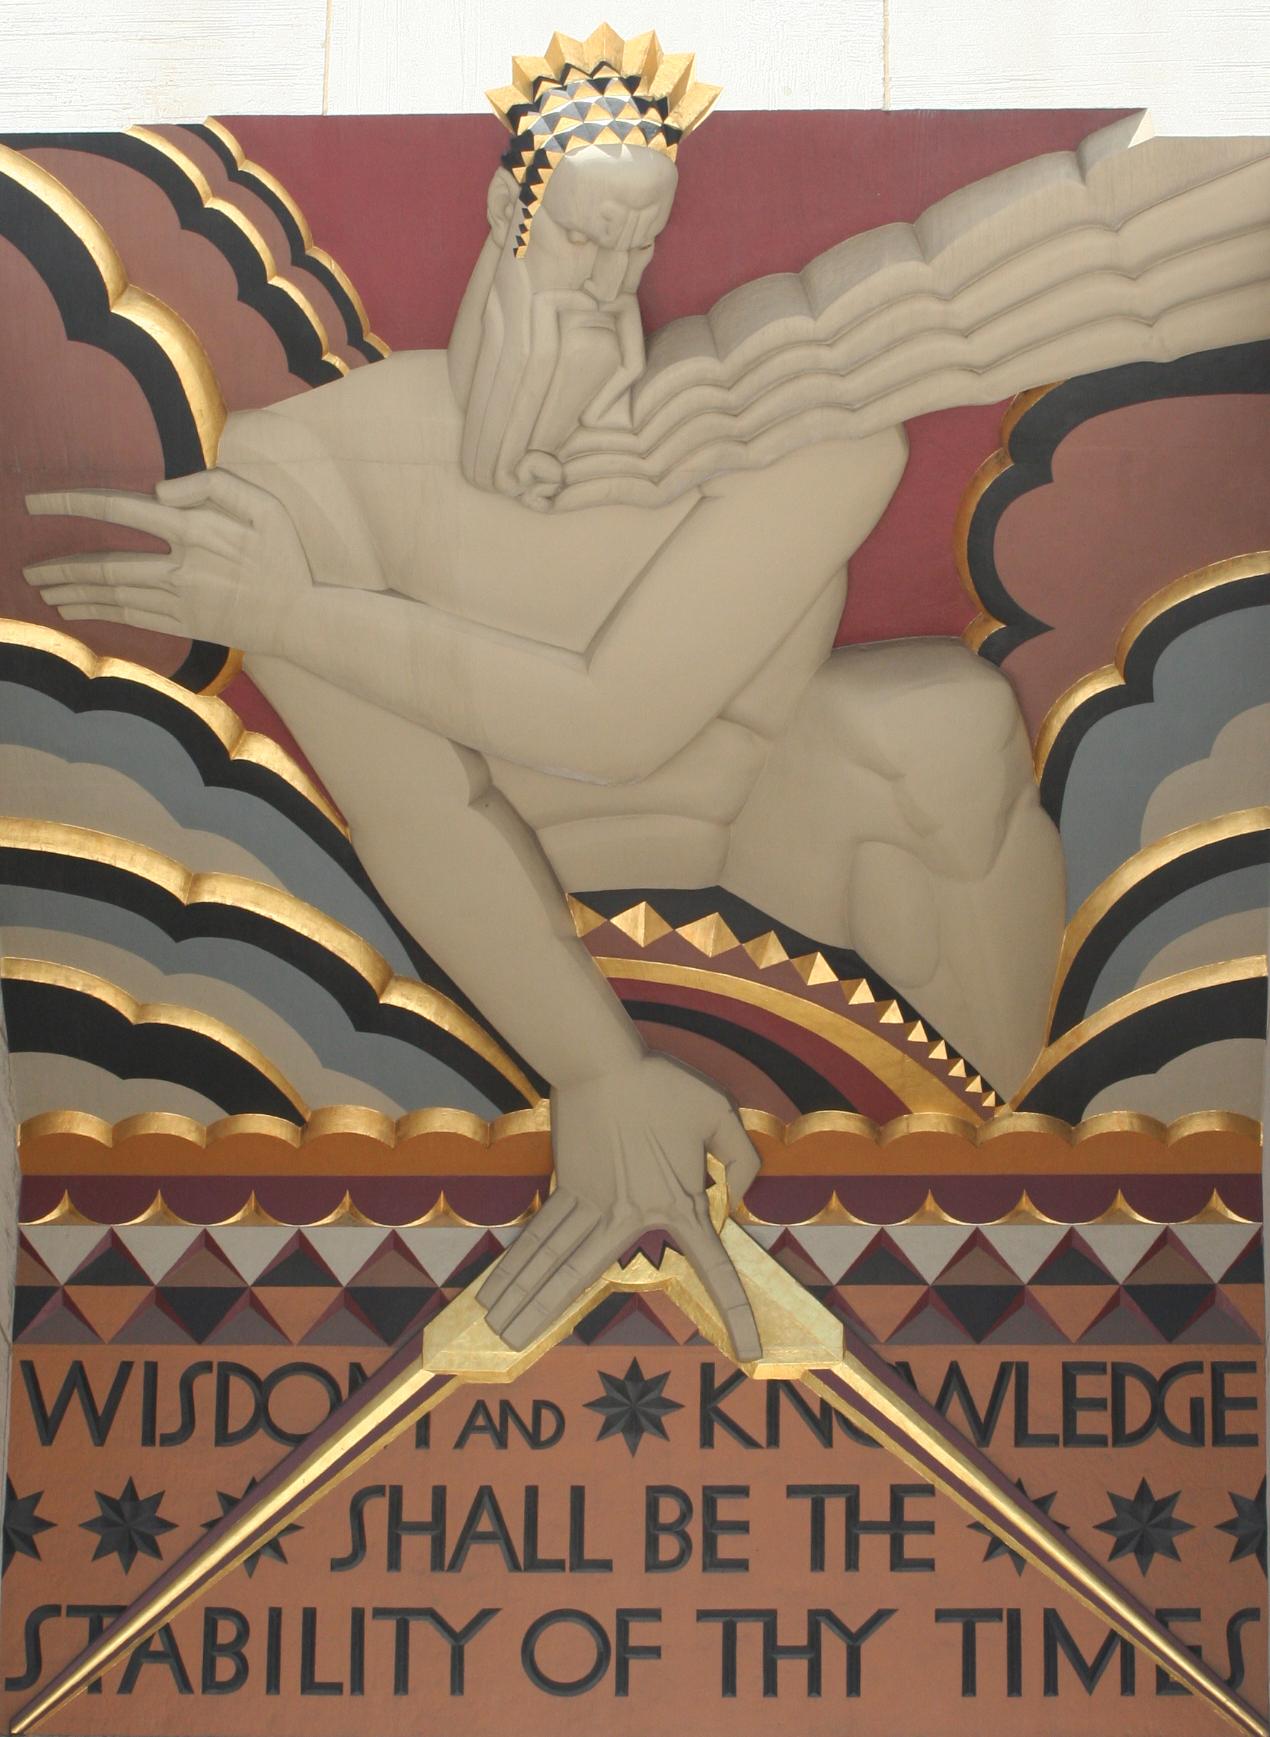 Wisdom-Knowledge-cropped.jpg